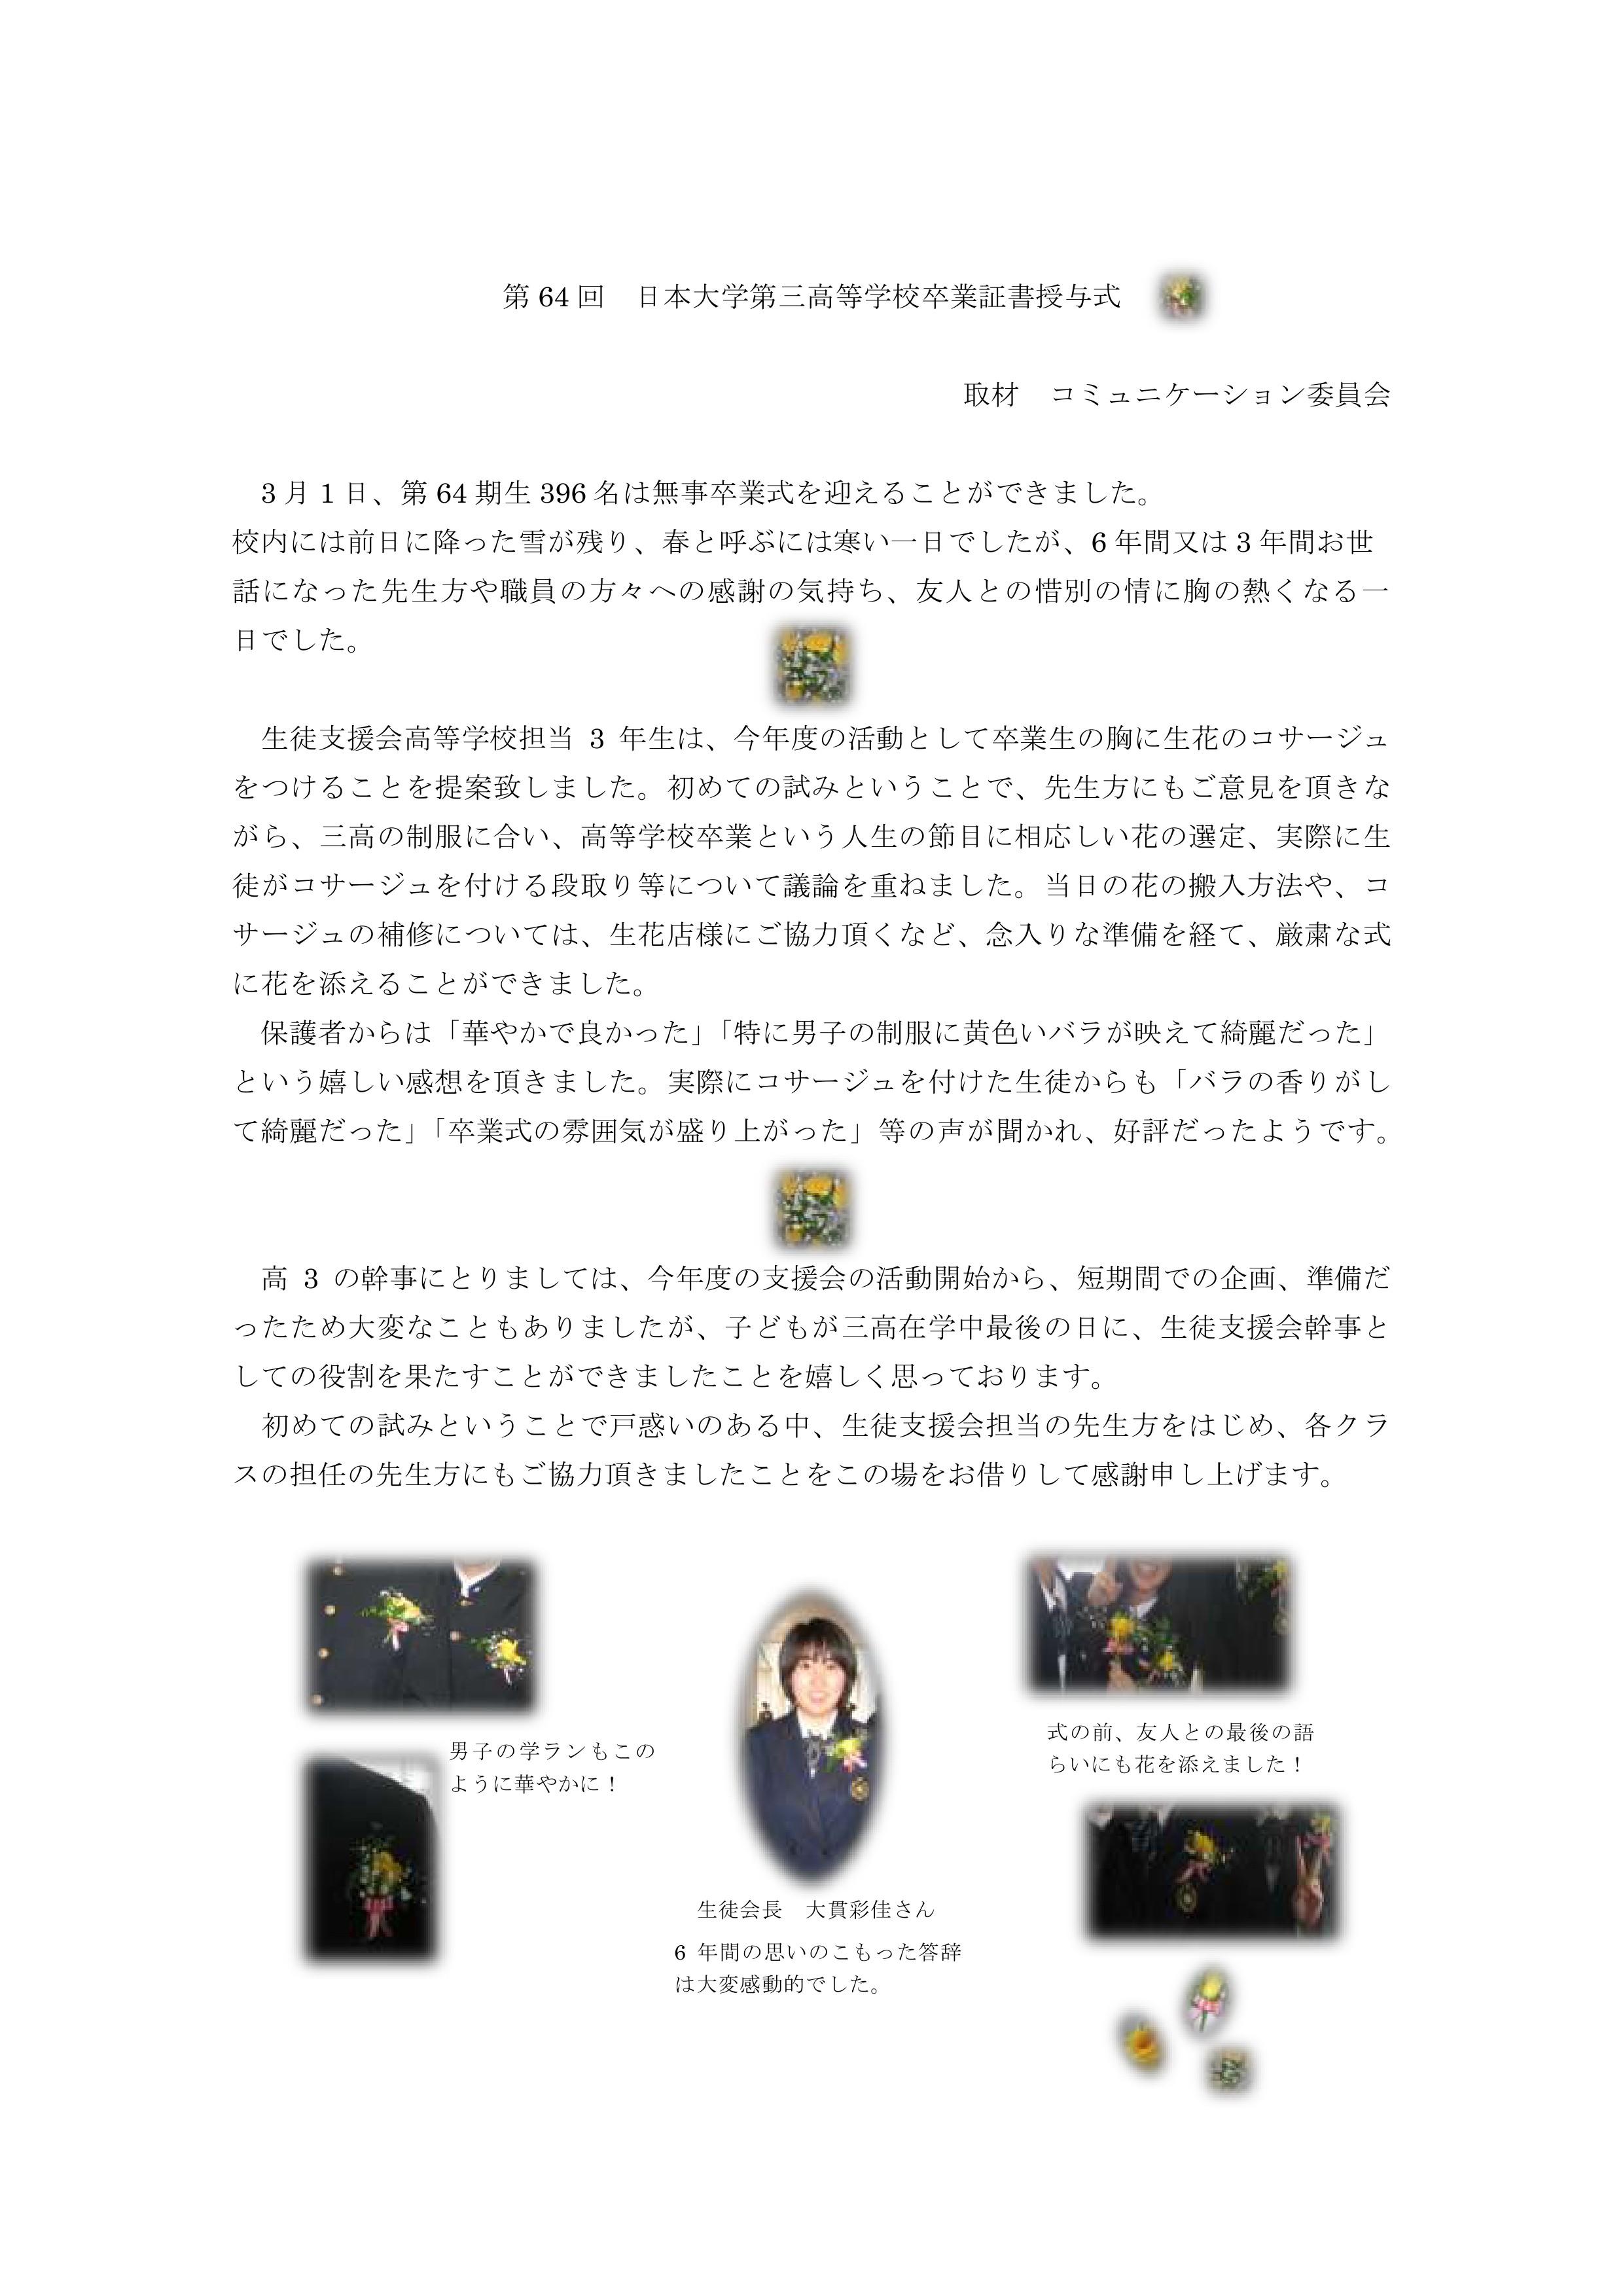 20120305-20120301.jpg